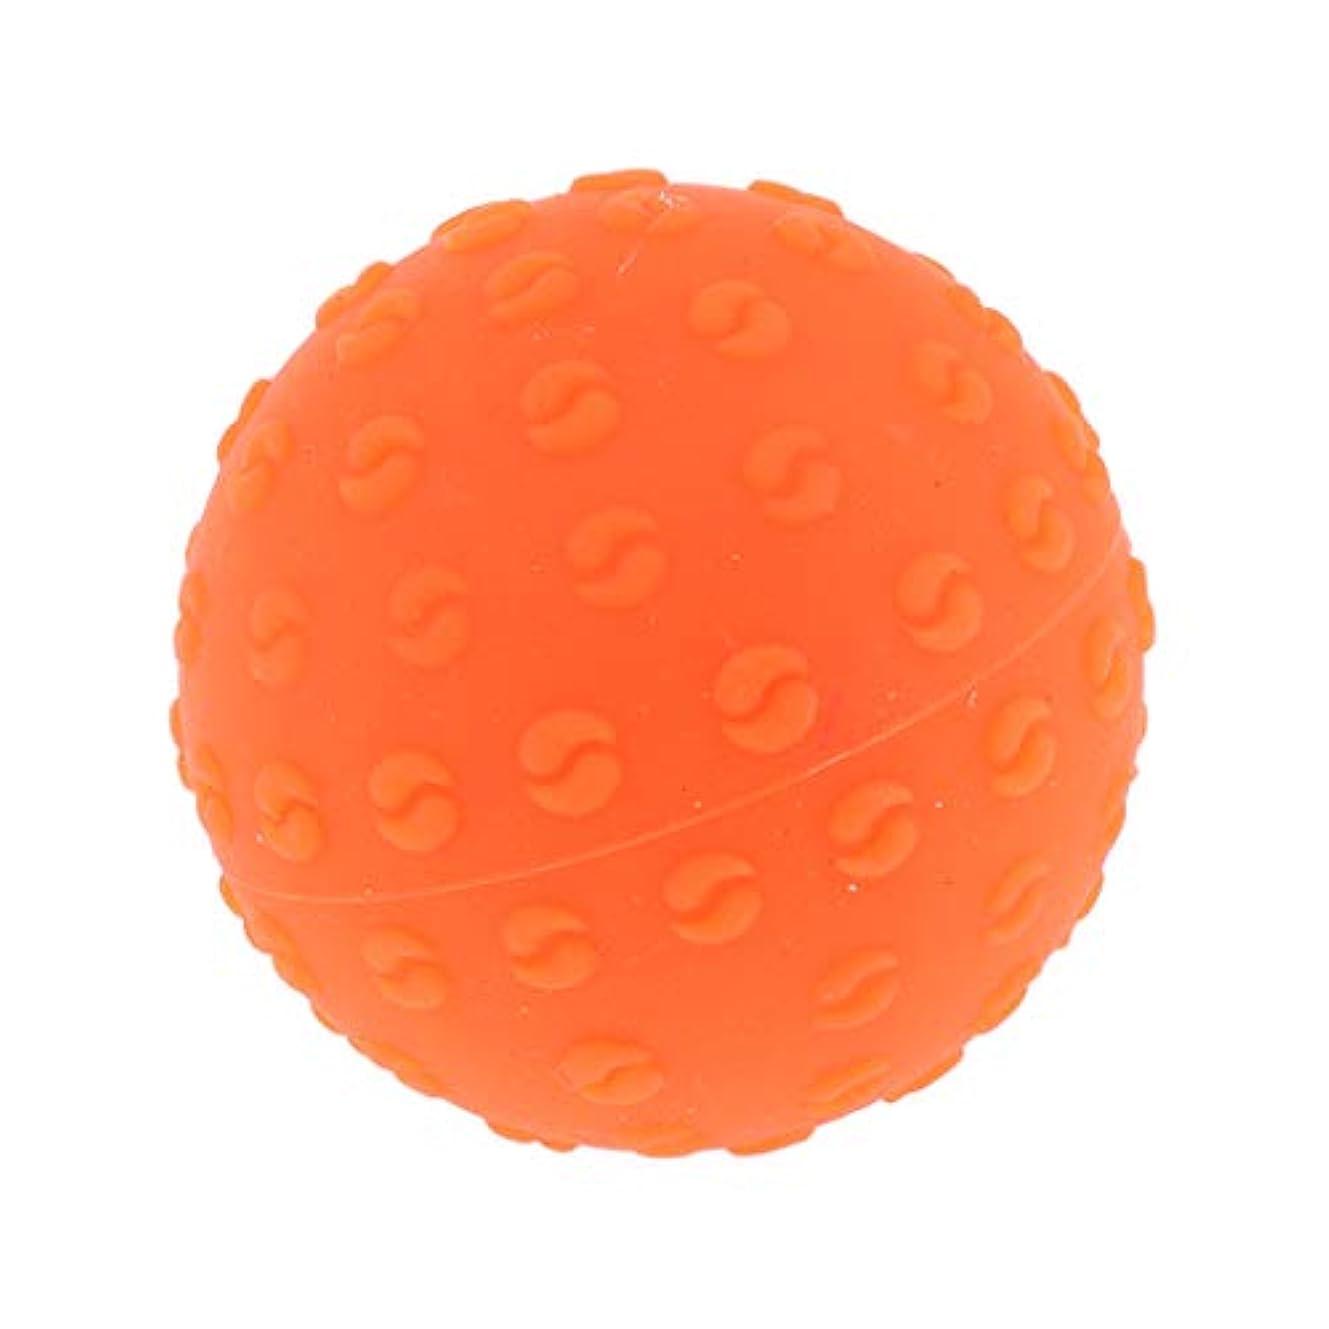 のれん堂々たるナプキンPerfeclan 全6色 マッサージボール 指圧ボール シリコーン トリガーポイント 足底筋膜炎 ヨガ 耐油性 快適 - オレンジ, 説明のとおり